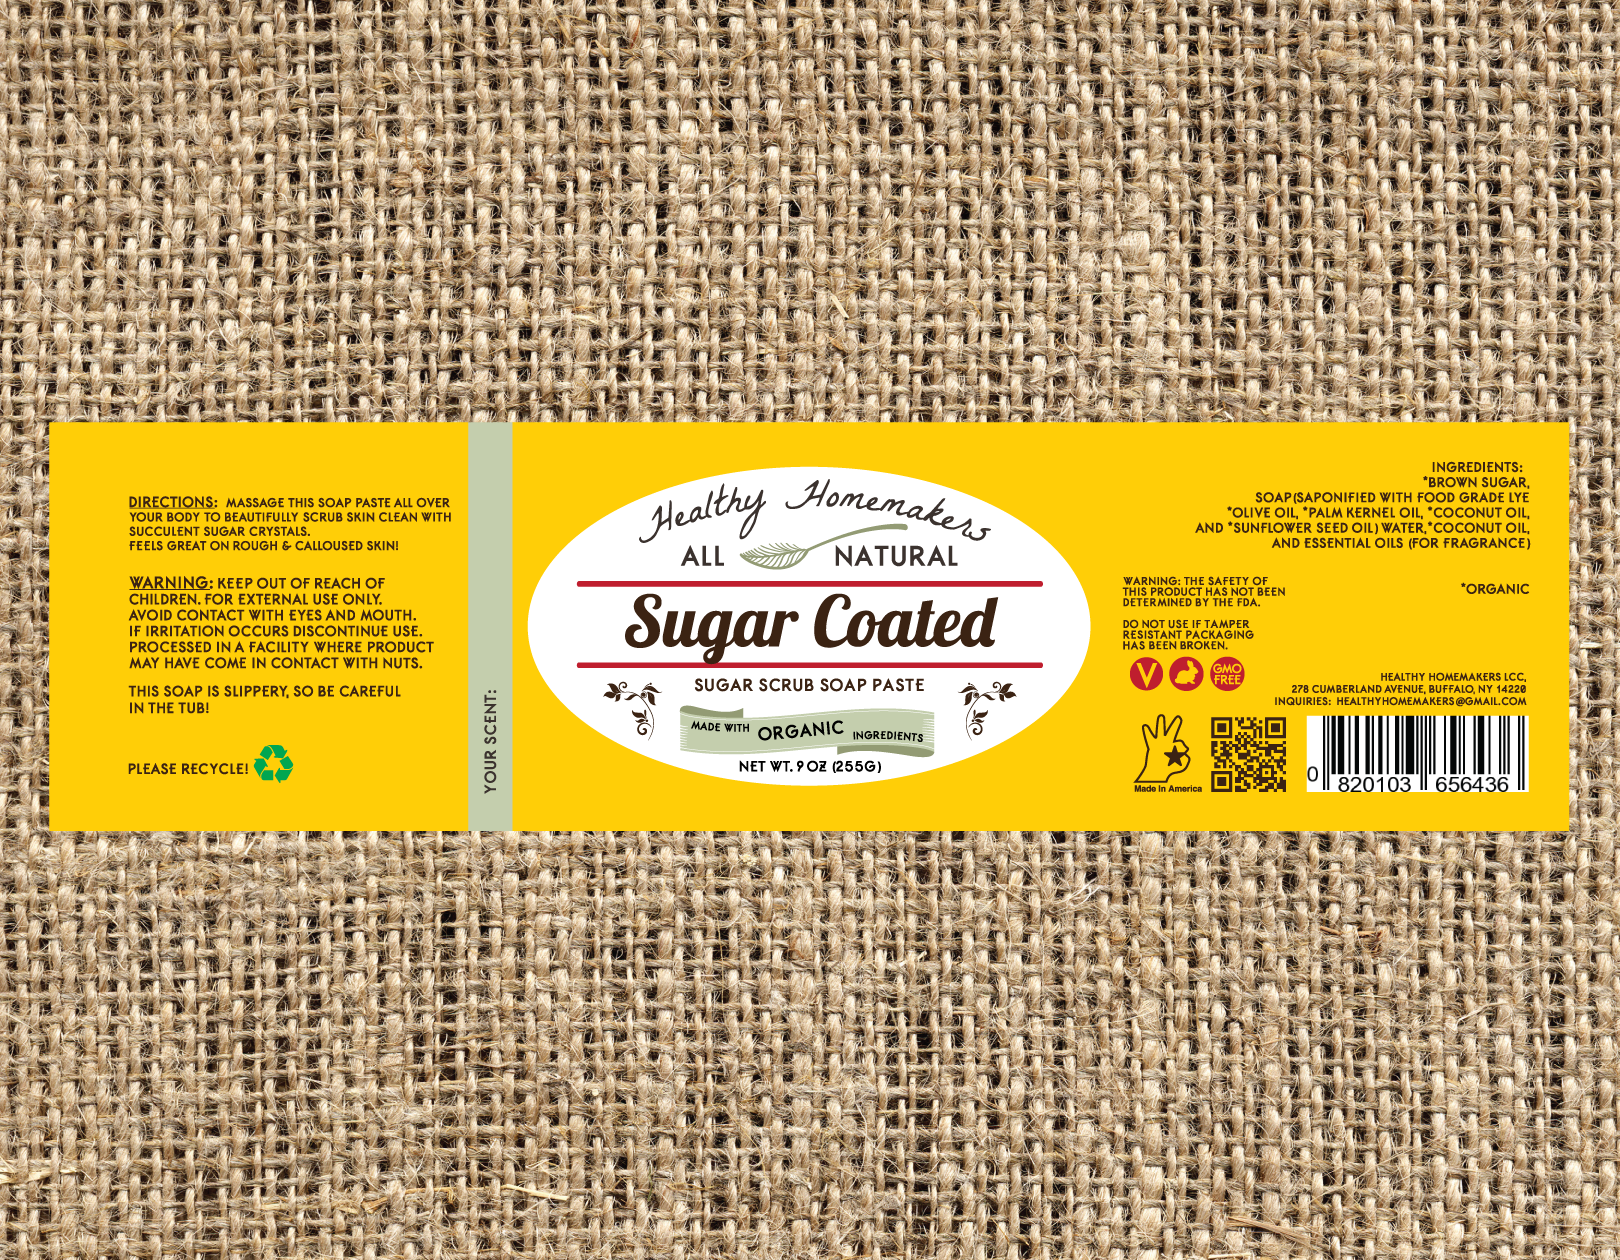 Sugar Coated - Sugar Scrub